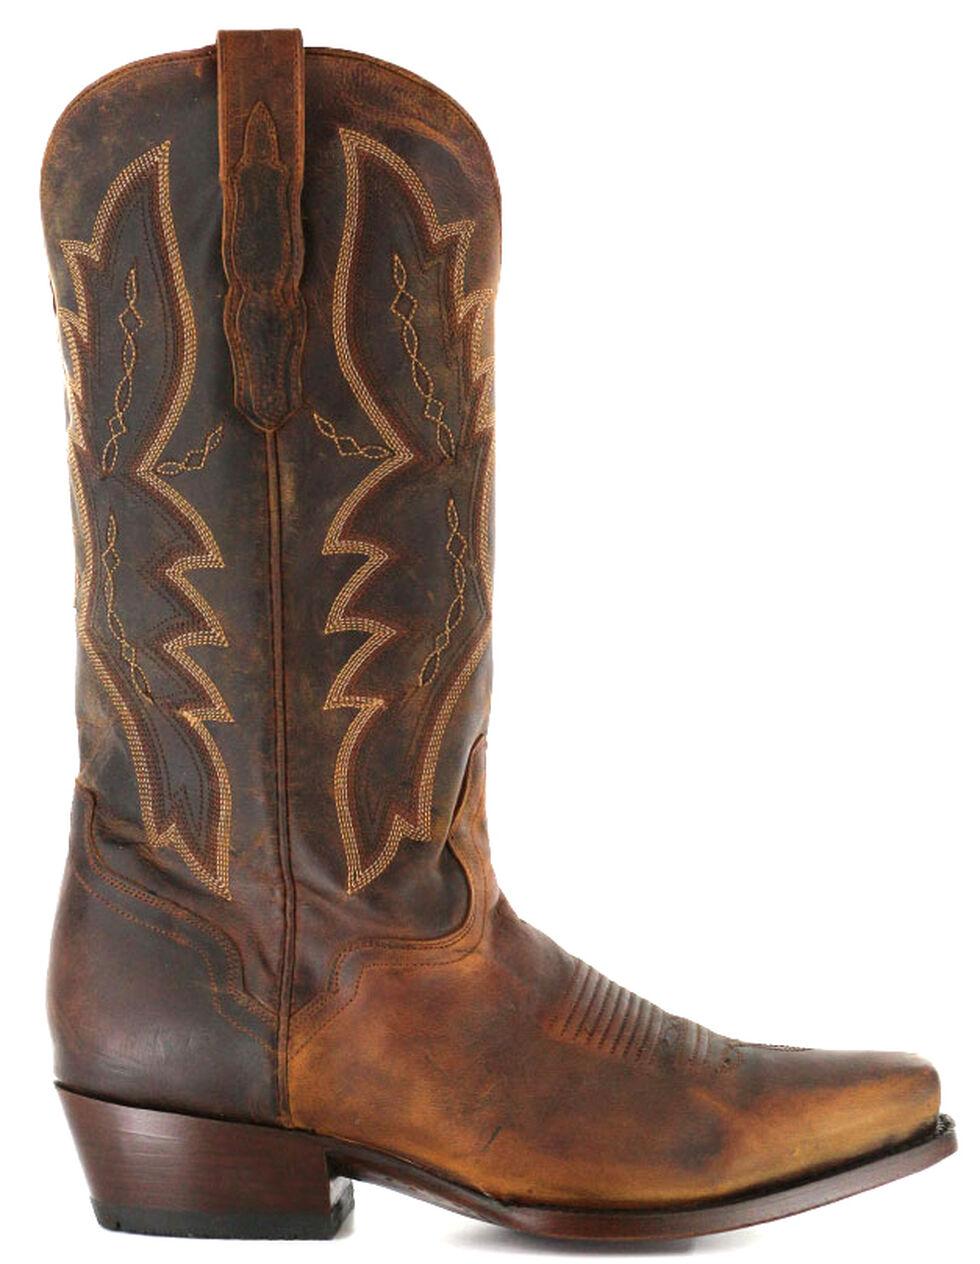 El Dorado Handmade Distressed Goat Cowboy Boots - Square Toe, Brown, hi-res